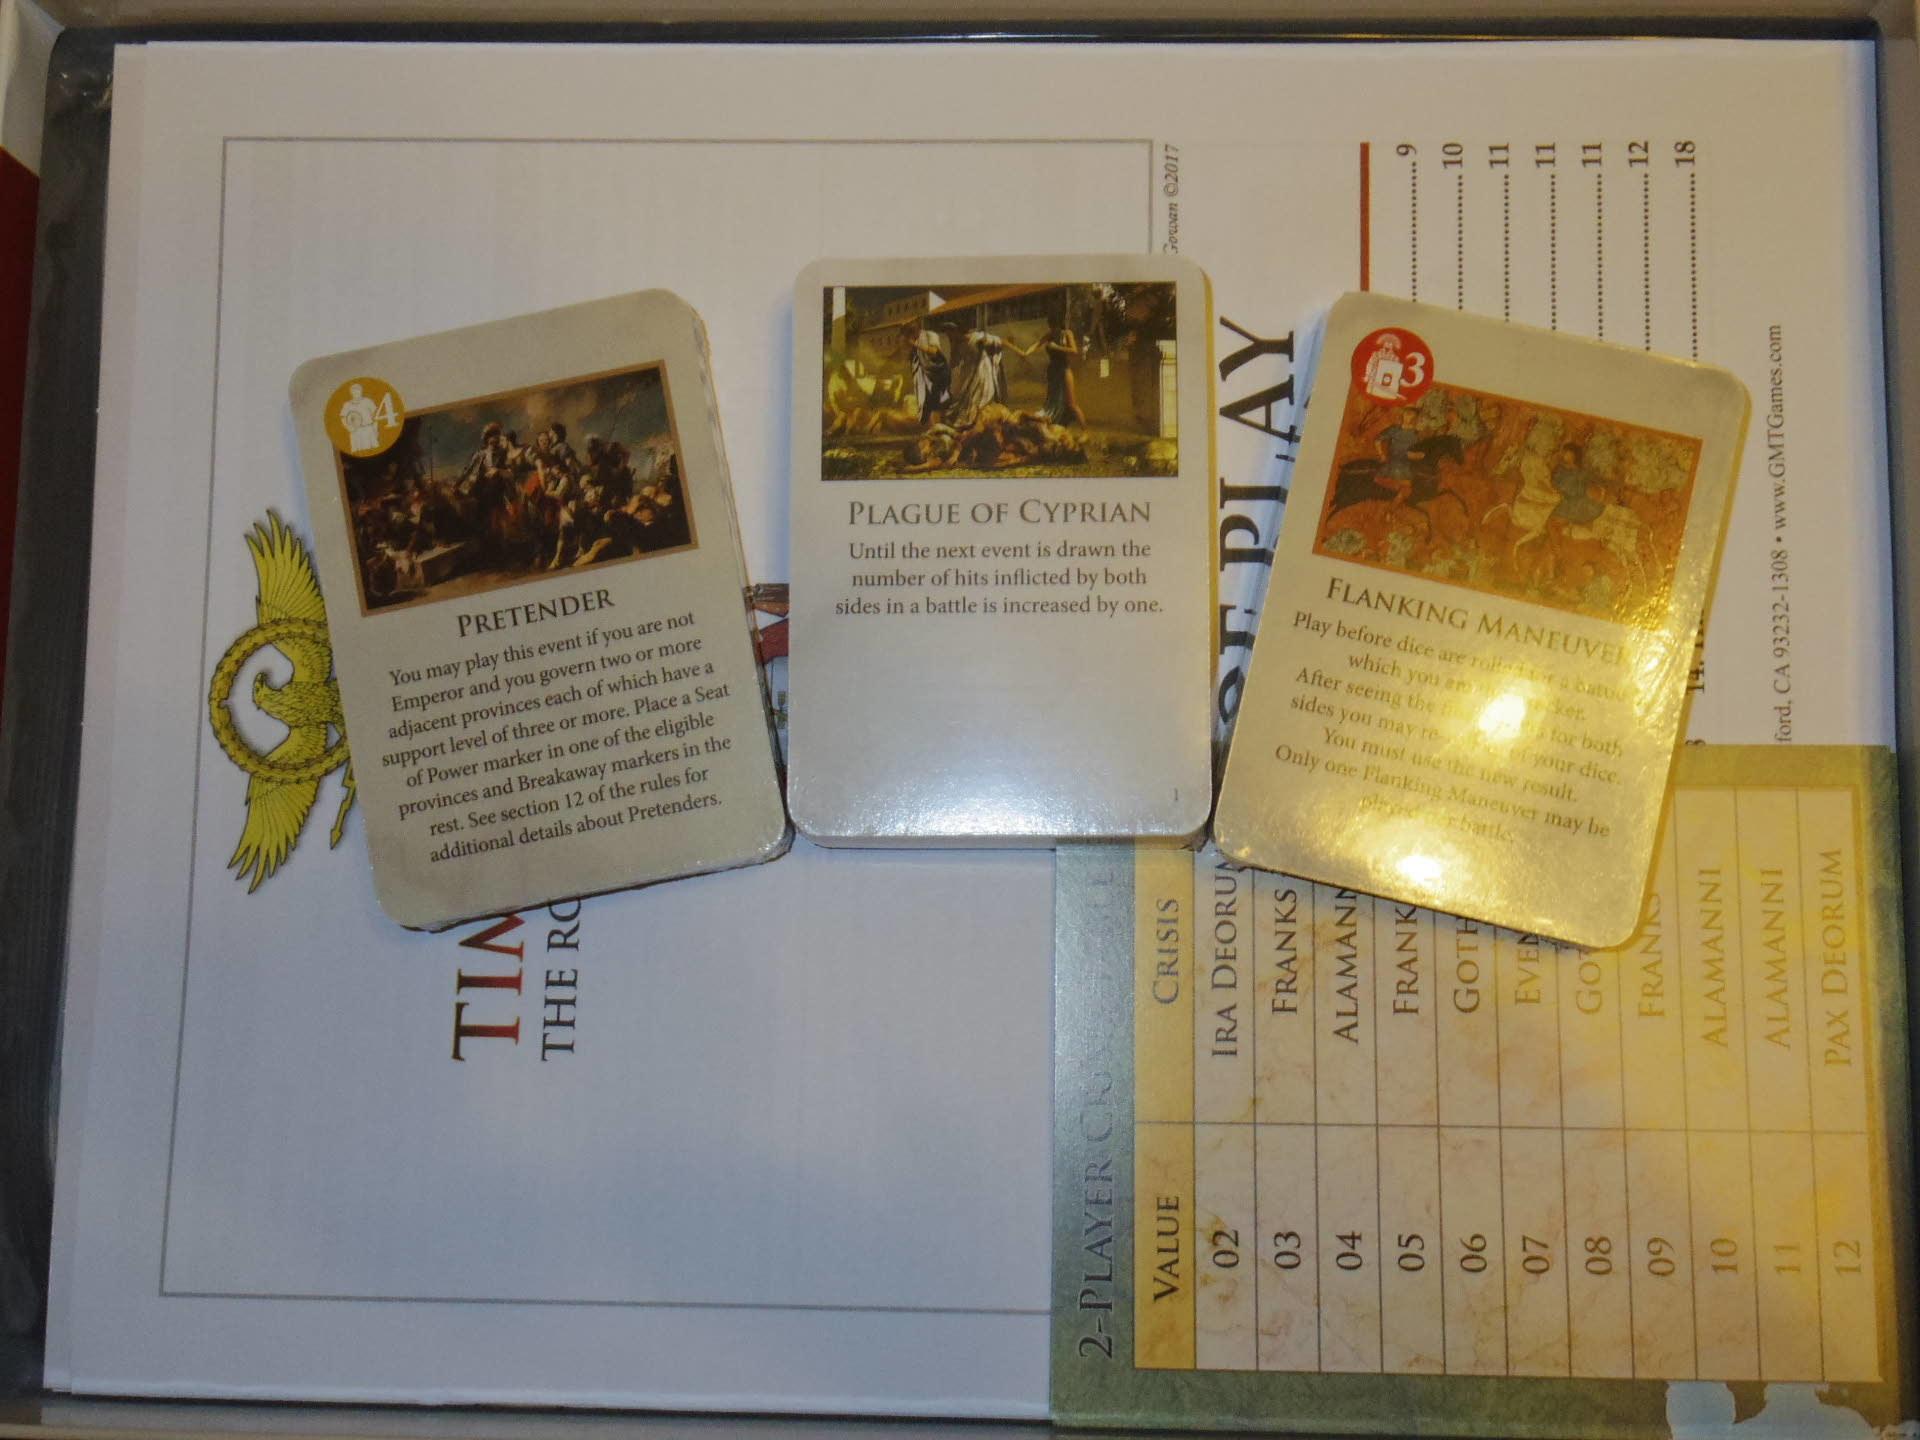 ローマ人の物語Ⅻ 「混迷する帝国」を、そのまま4人用マルチゲームにしたような...(GMT)Time of Crisis_b0173672_19341778.jpg